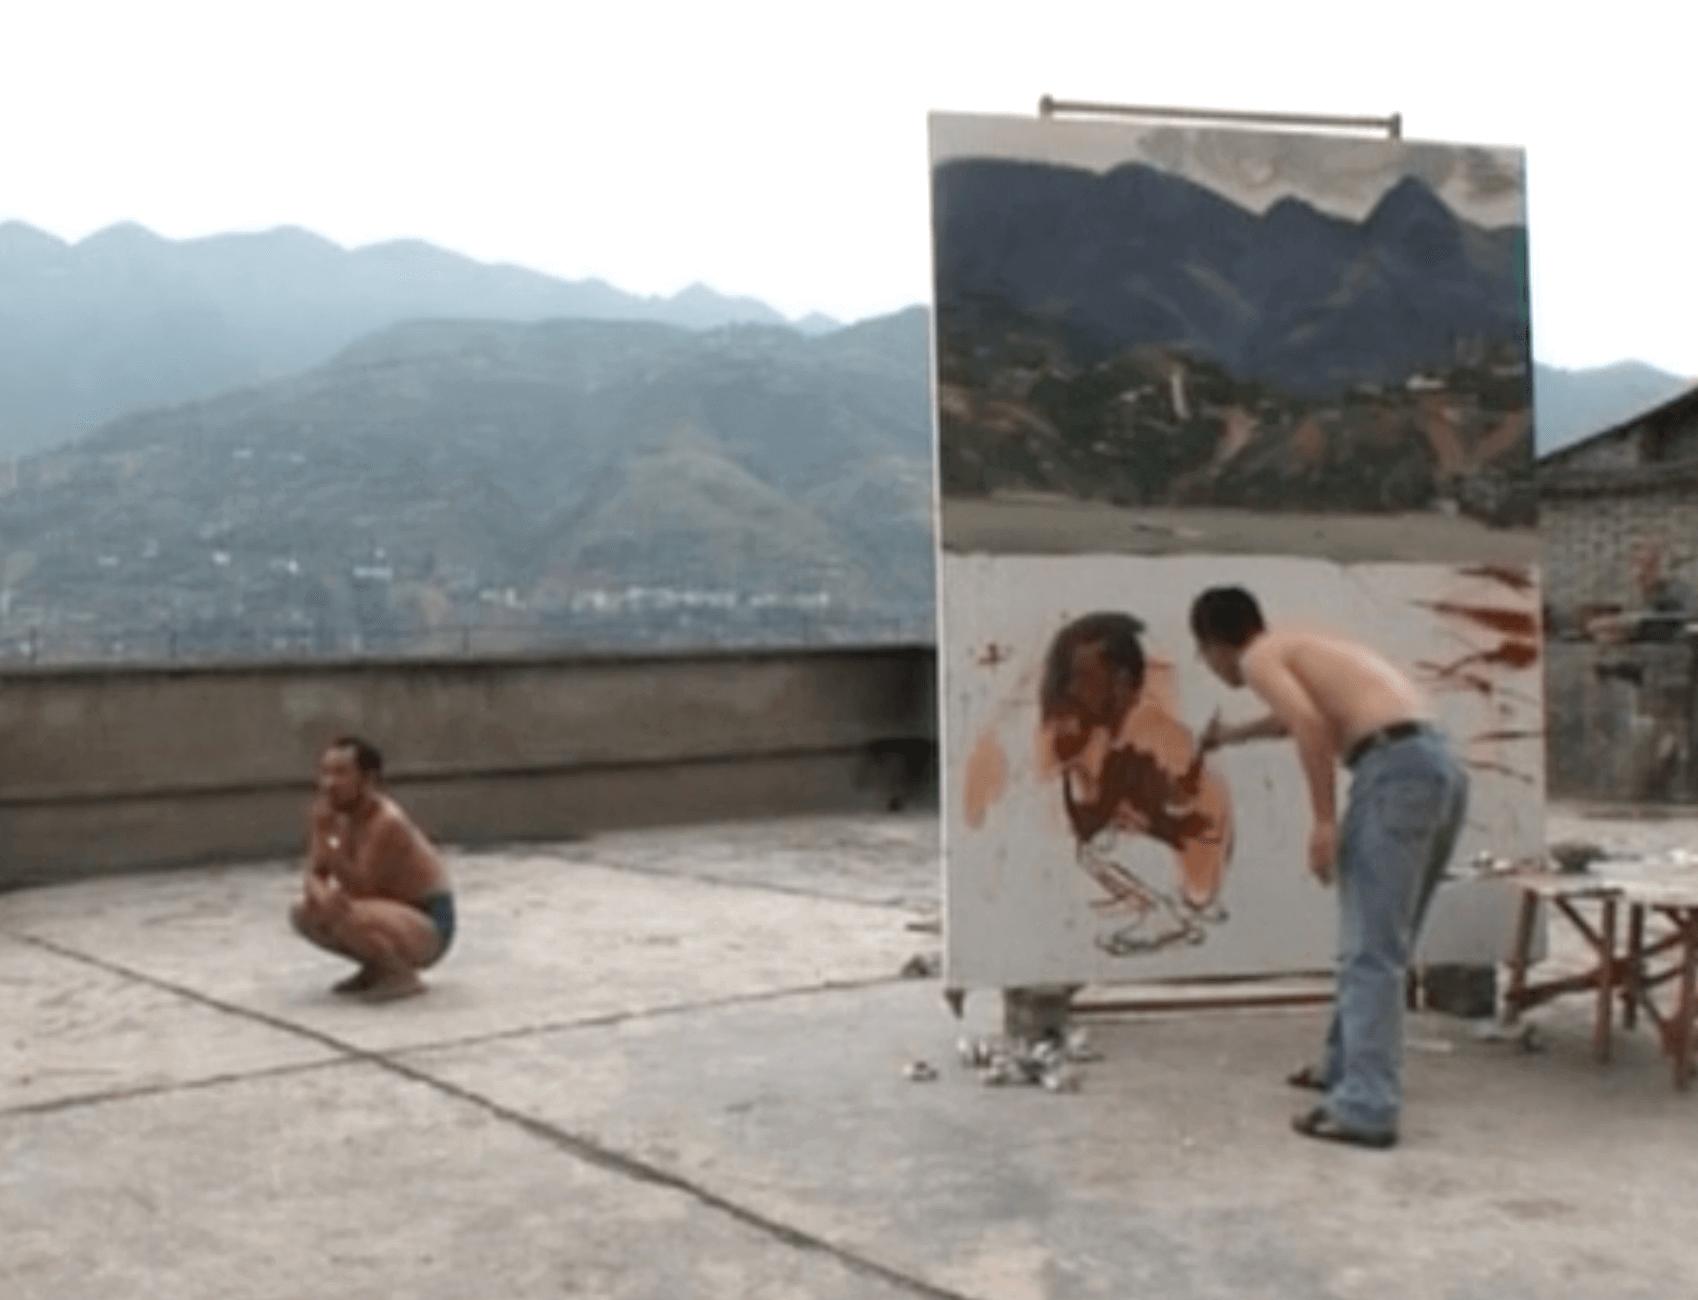 Now screening: Jia Zhangke's 'Dong' featuring Liu Xiaodong